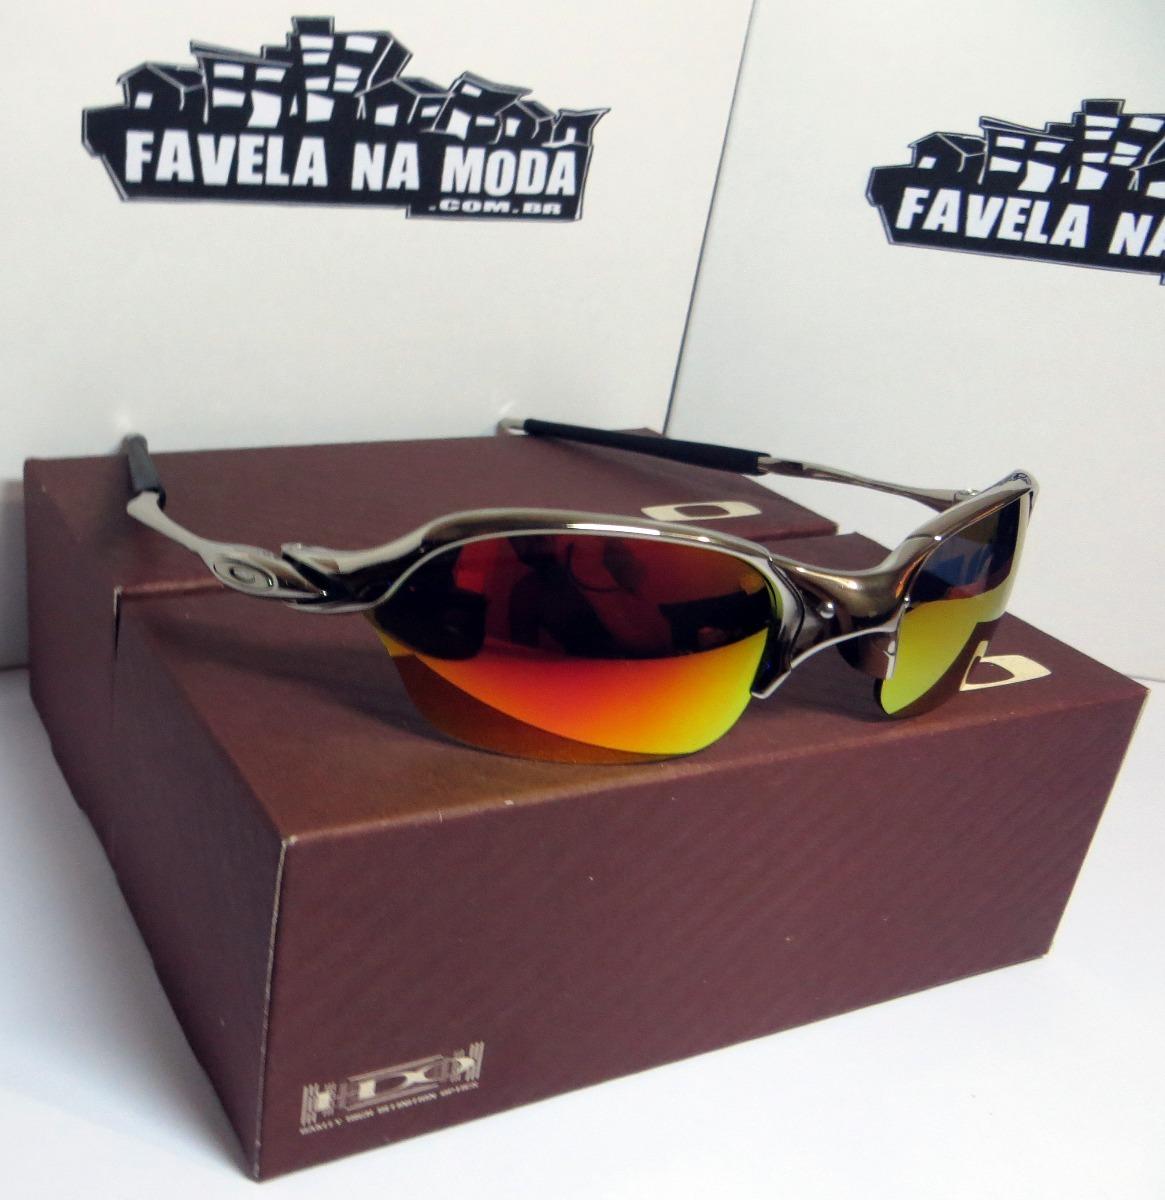 71bac2ca08e79 óculos oakley romeo 2   polished   dark ruby + par de lentes. Carregando  zoom.